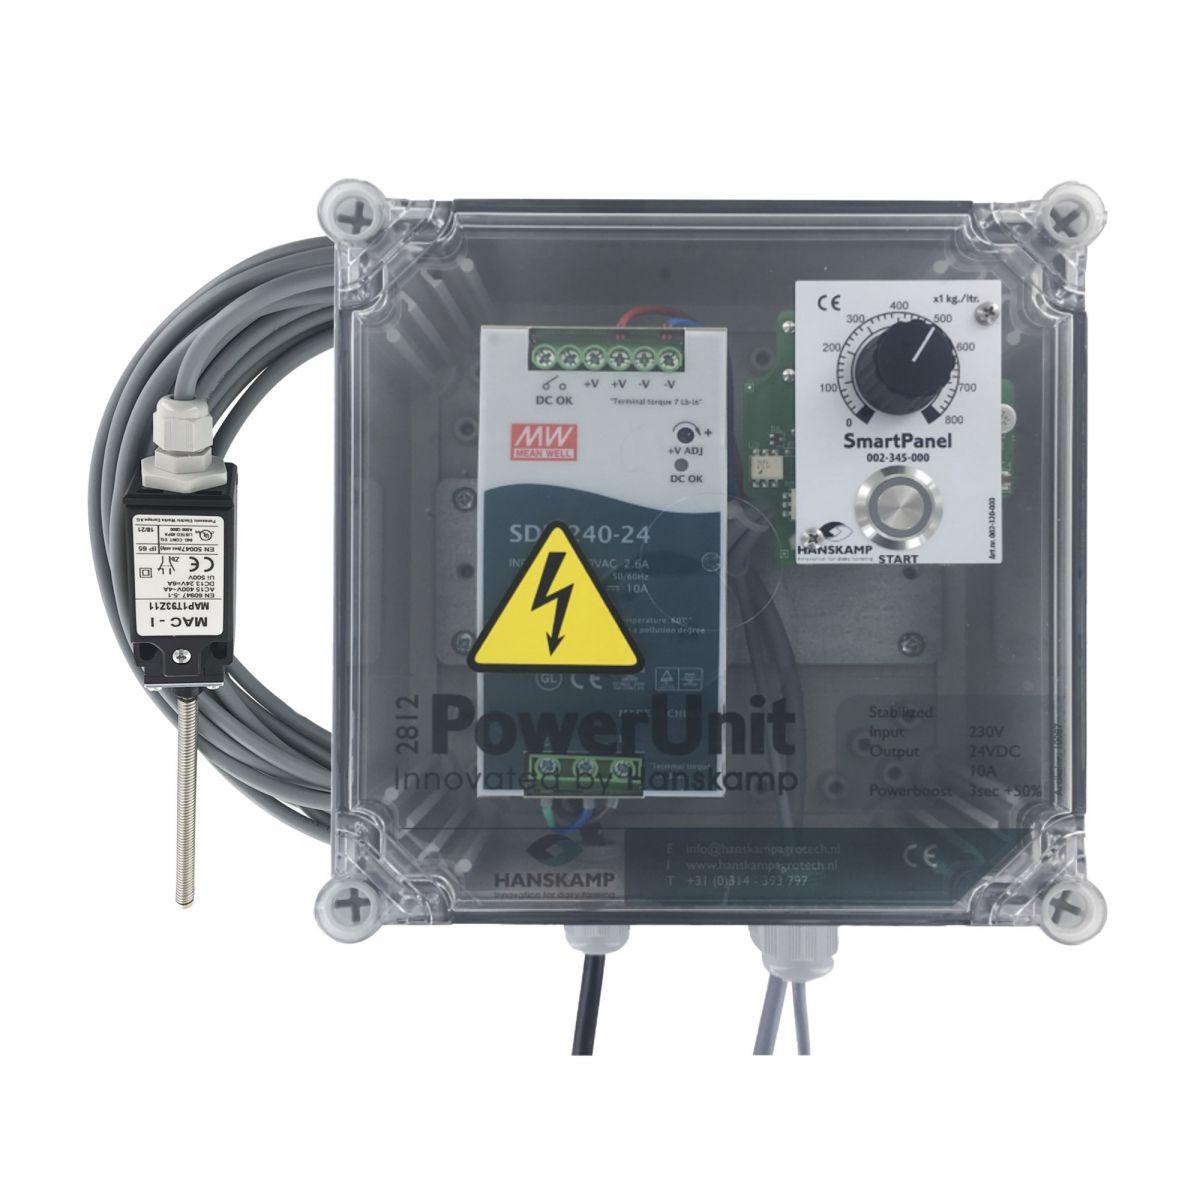 smartpanel in powerunit ein futtersorte mit entschalter 08 kg mit skaleneinteilung